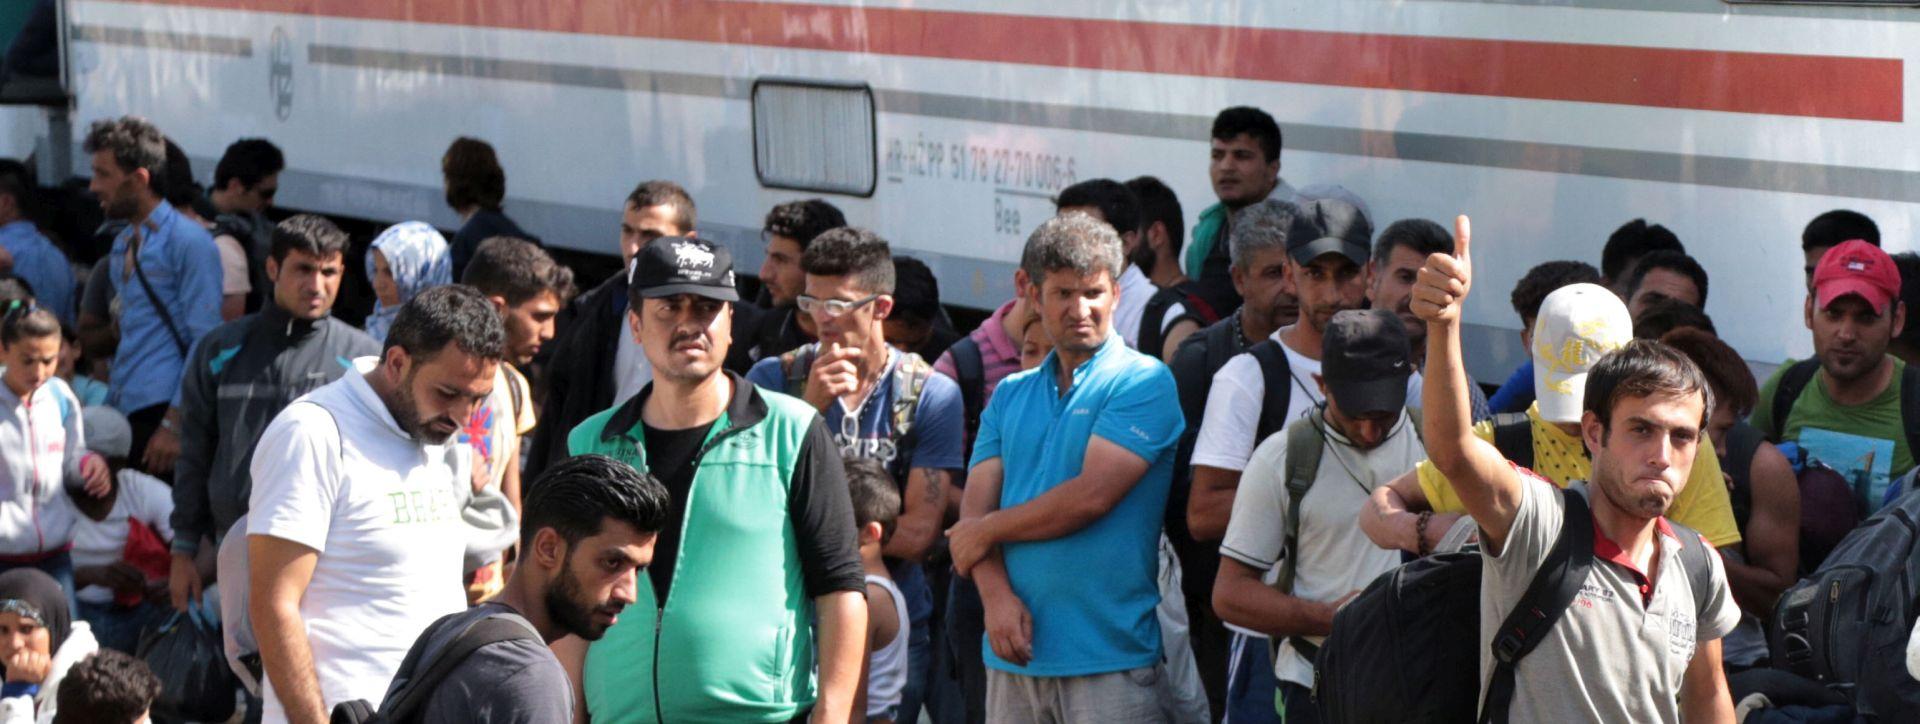 NE POVEĆAVA SE BROJ KAZNENIH DJELA Do 15 sati u Hrvatsku ušlo 15.400 migranata